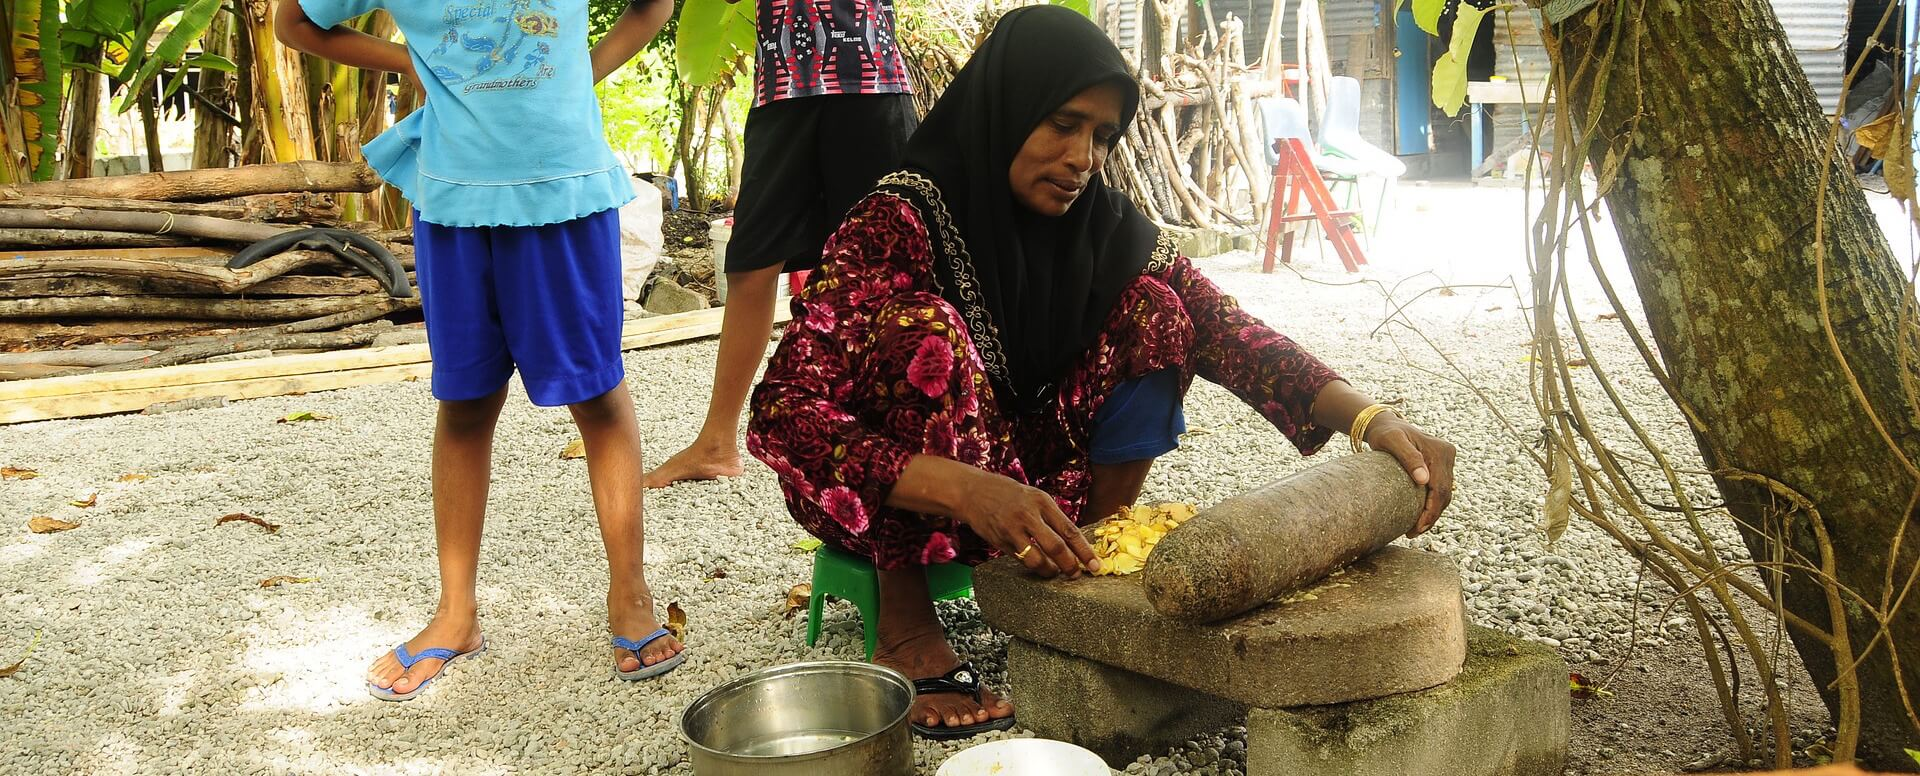 Le quotidien des Maldiviens - Maldives